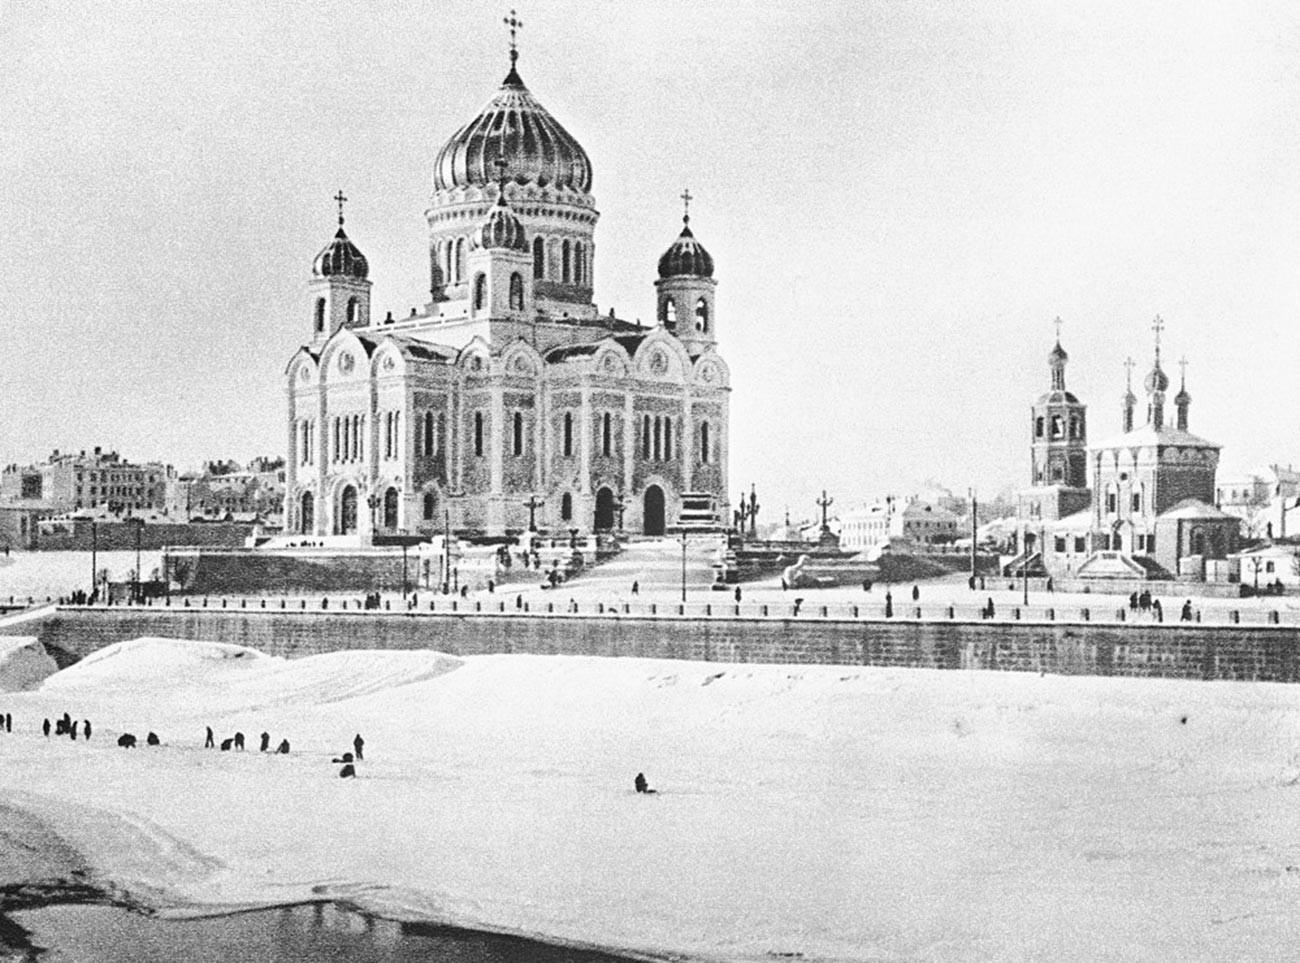 Naum Granovski. Katedrala Krista Spasitelja, podignuta povodom pobjede u Domovinskom ratu 1812. godine. 1927.